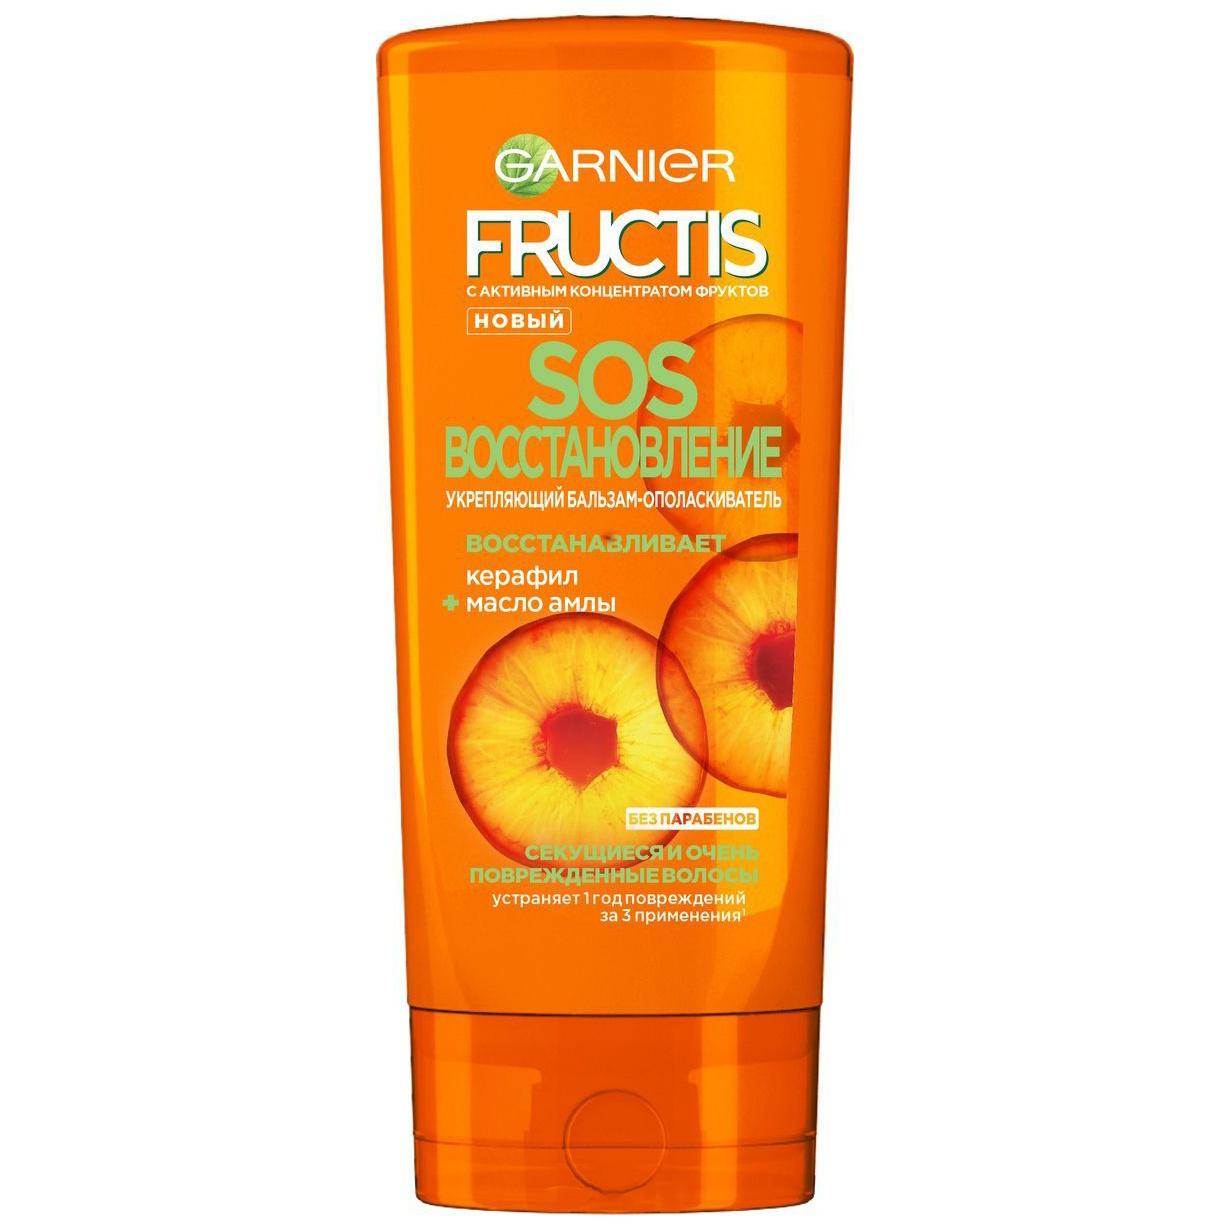 Купить Бальзам для волос Garnier Fructis SOS Восстановление 400 мл